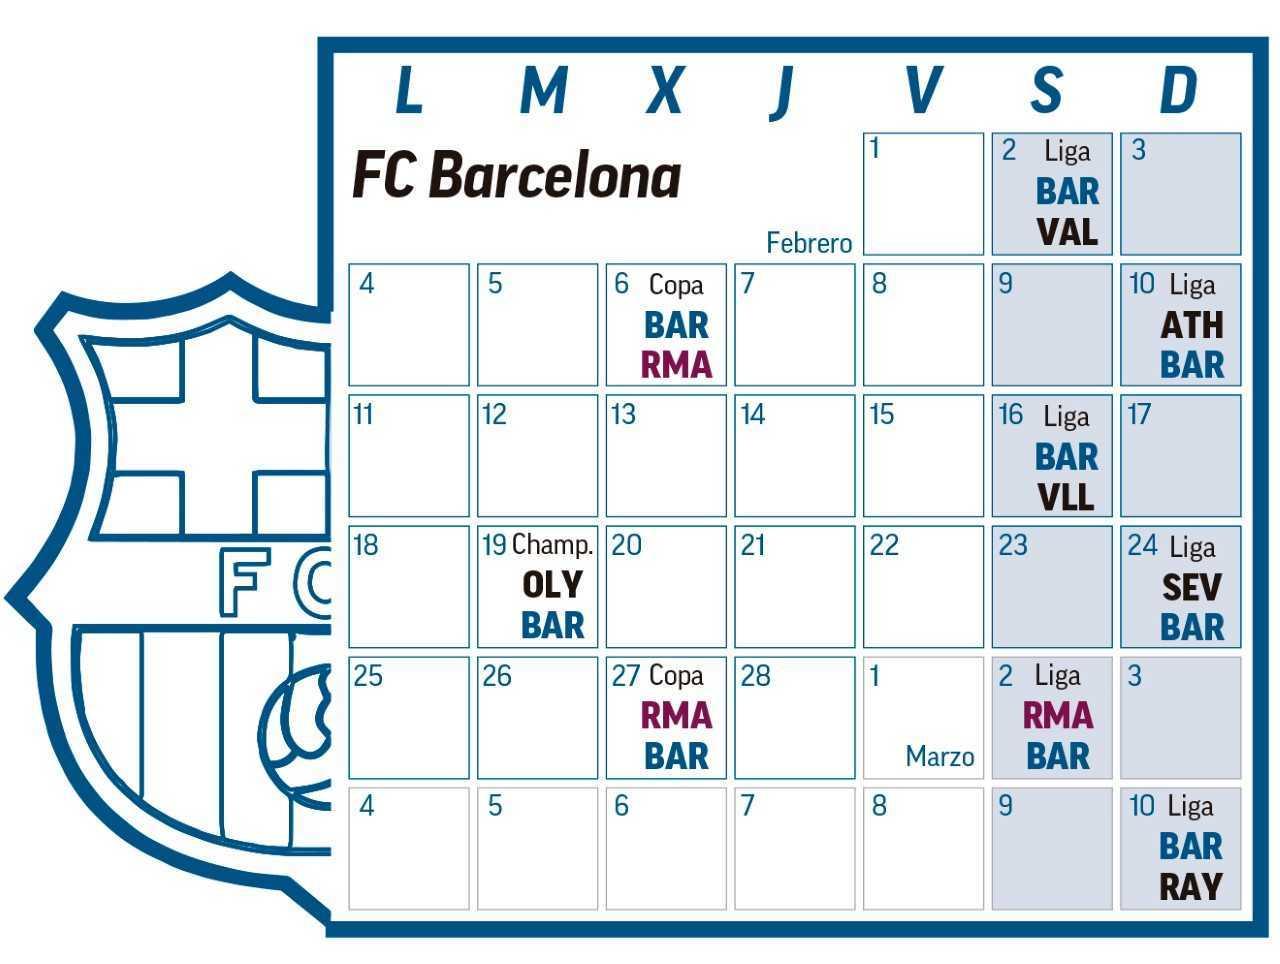 Calendario Del Barca.Copa Del Rey Un Calendario Muy Exigente Para Real Madrid Y Barca